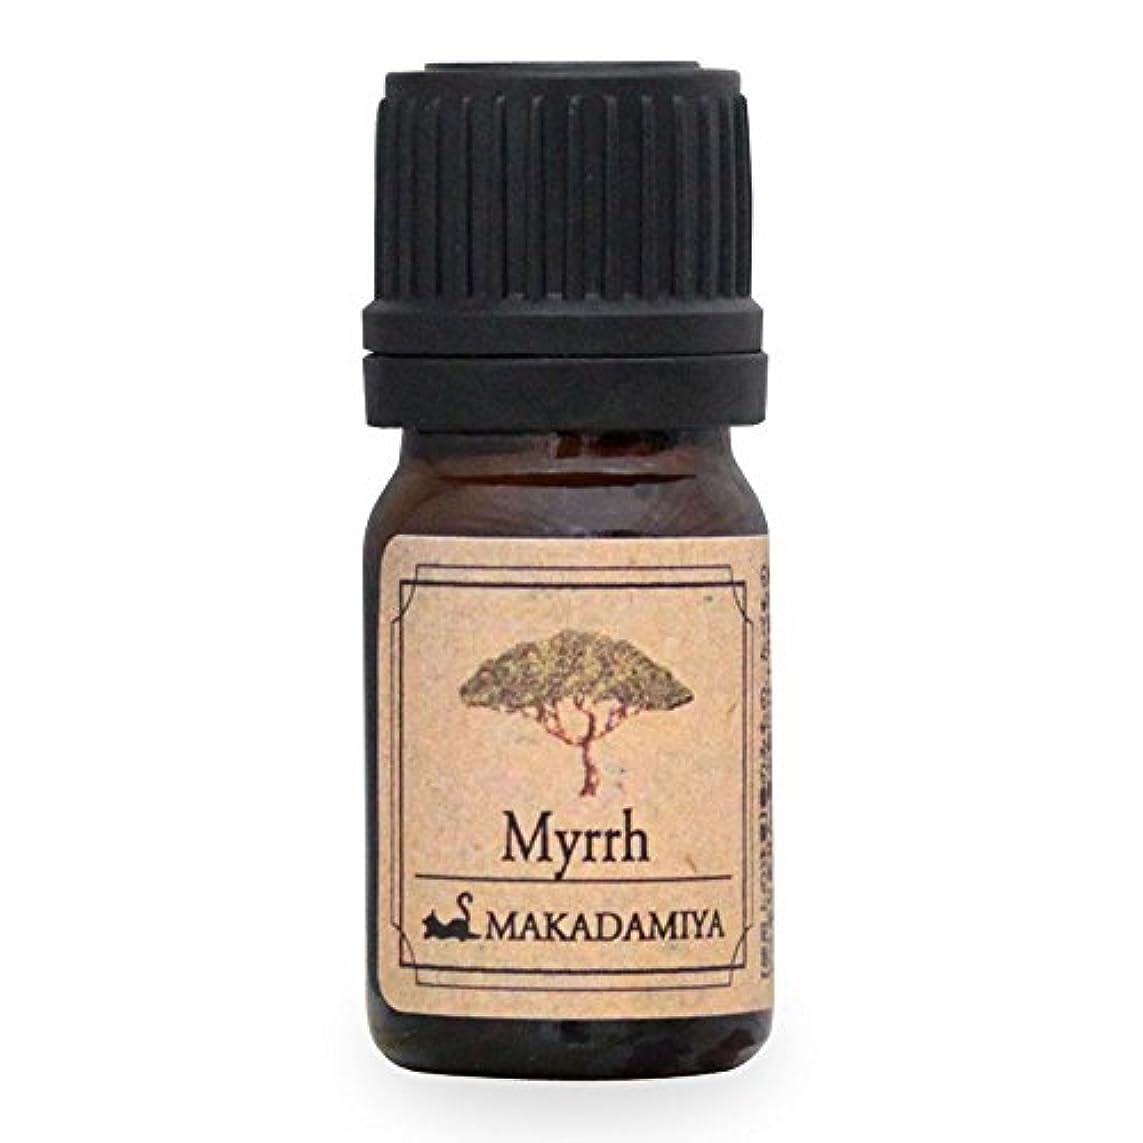 差し迫った拒絶安価なミルラ5ml 天然100%植物性 エッセンシャルオイル(精油) アロマオイル アロママッサージ aroma Myrrh